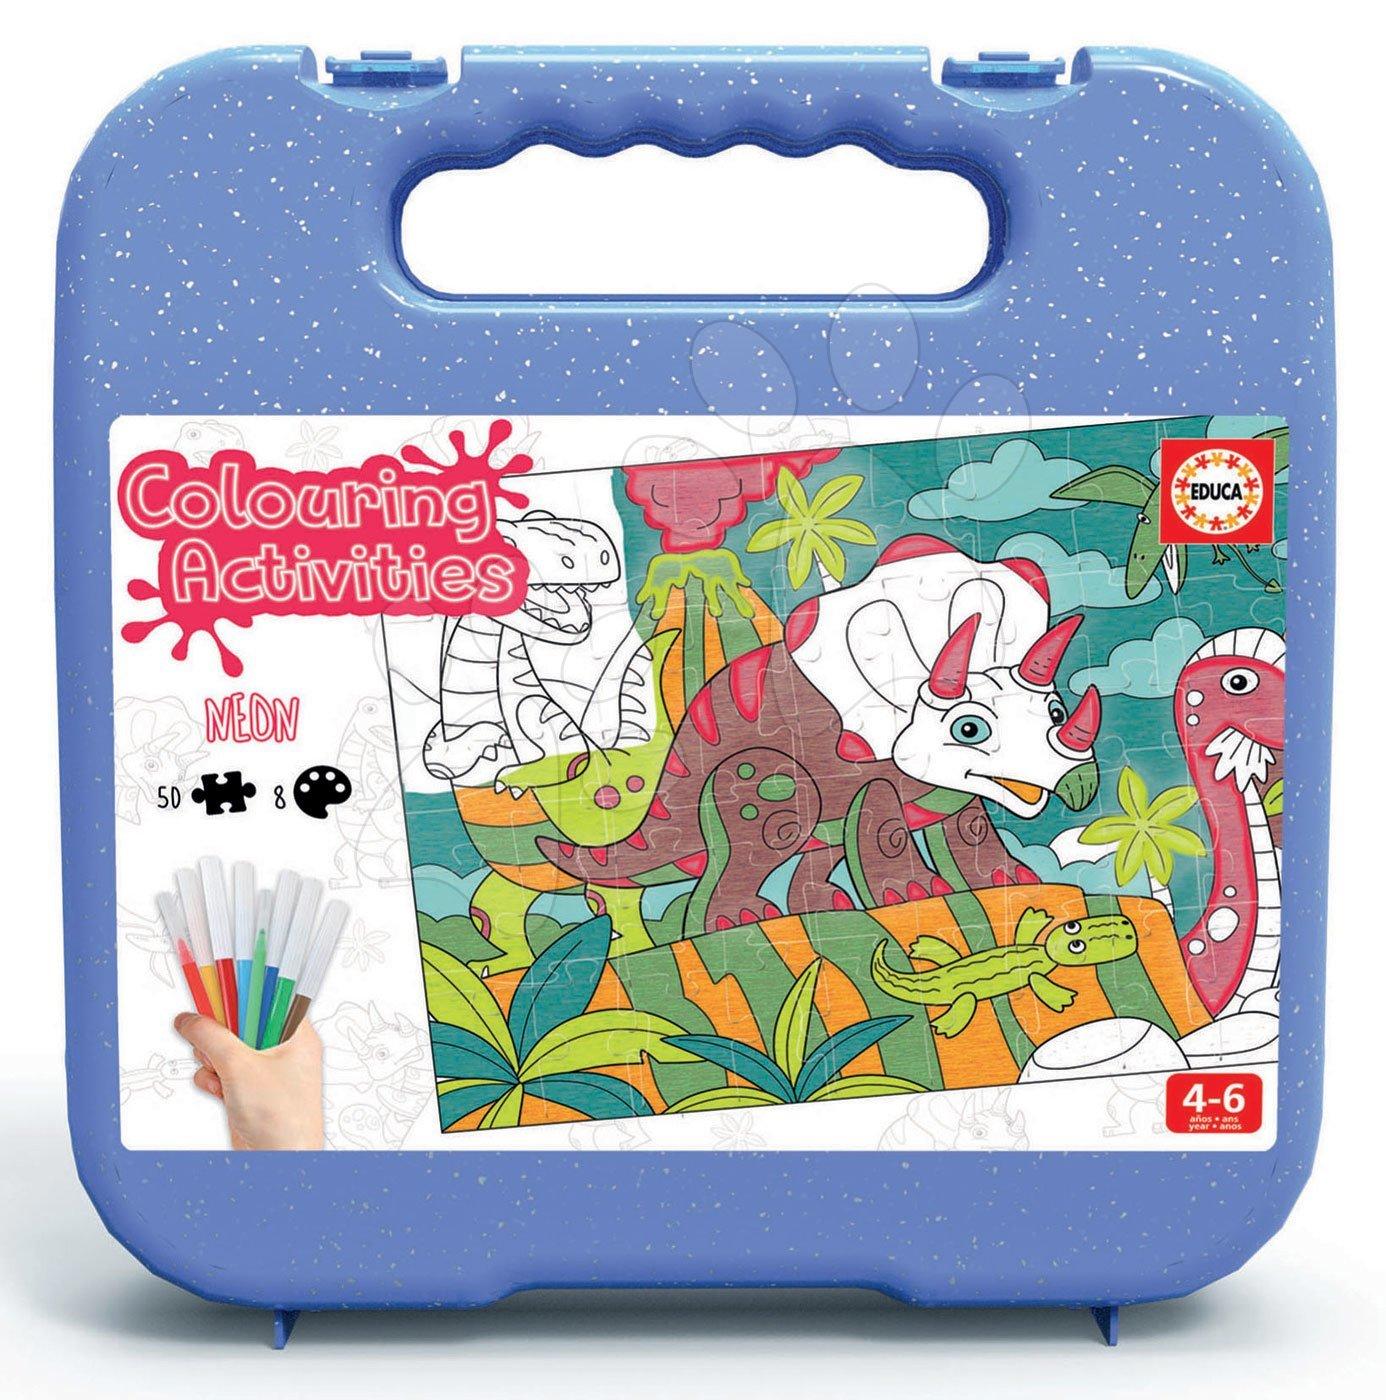 Puzzle omalovánky Dino Colouring Activities Educa 50dílné v kufříku s neonovými fixkami od 4 let